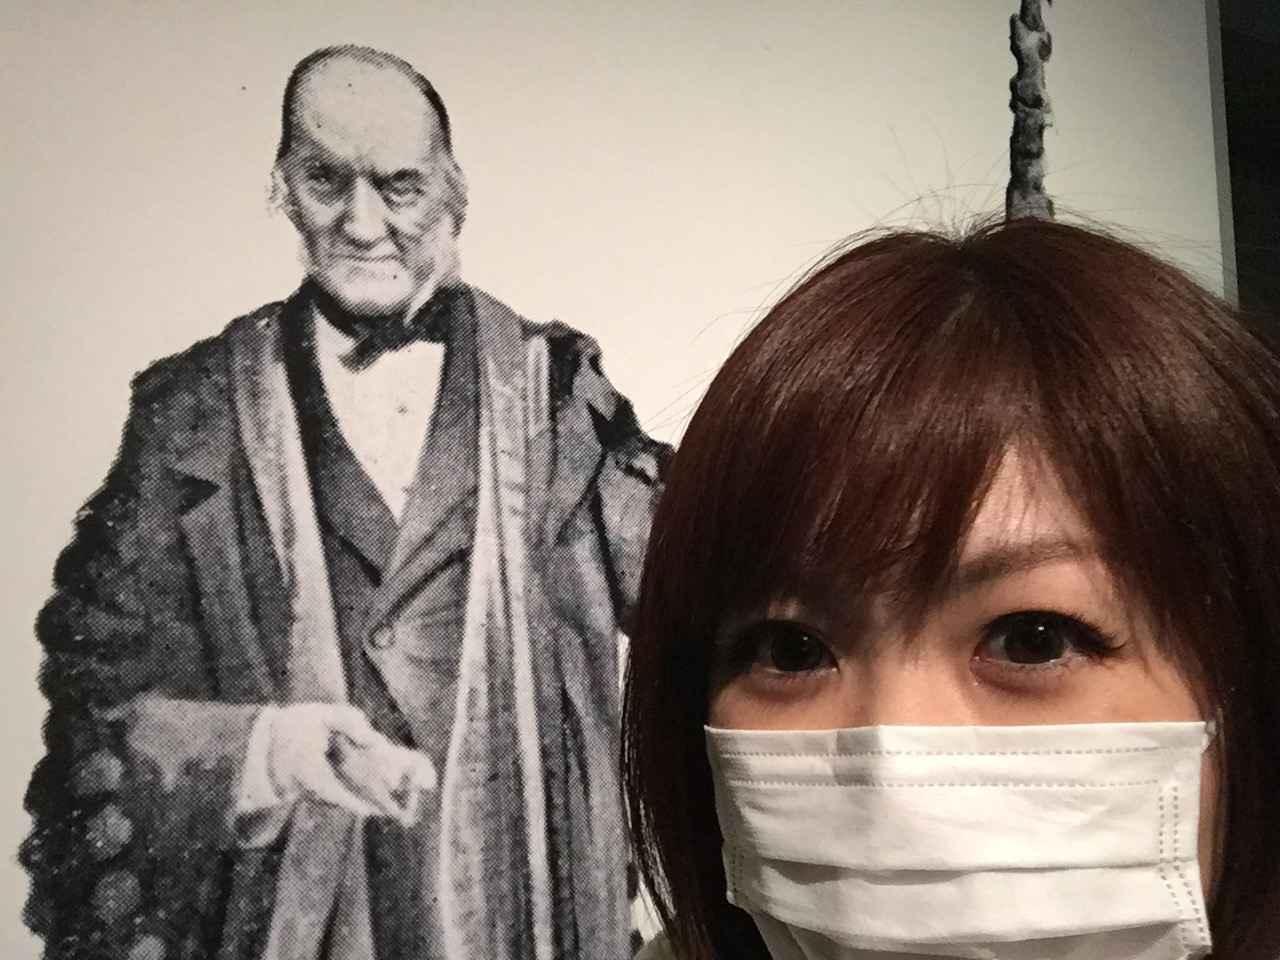 画像: オーウェンと生田晴香ツーショット、イェーイ!なんて写真も撮れます。